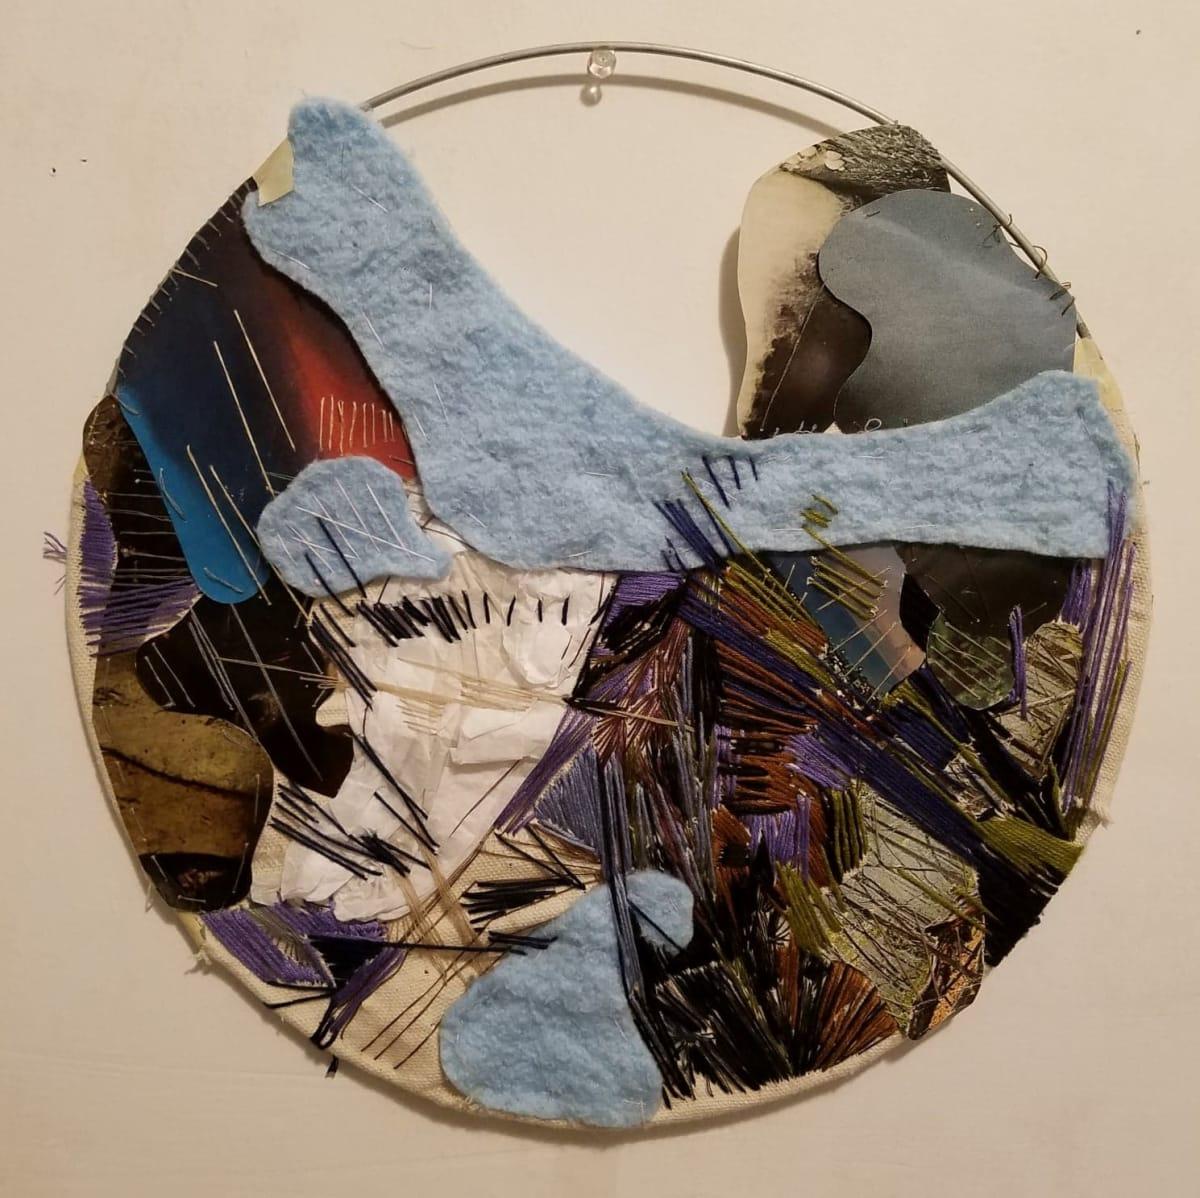 Untitled (rotunda) by Bethany LeJeune